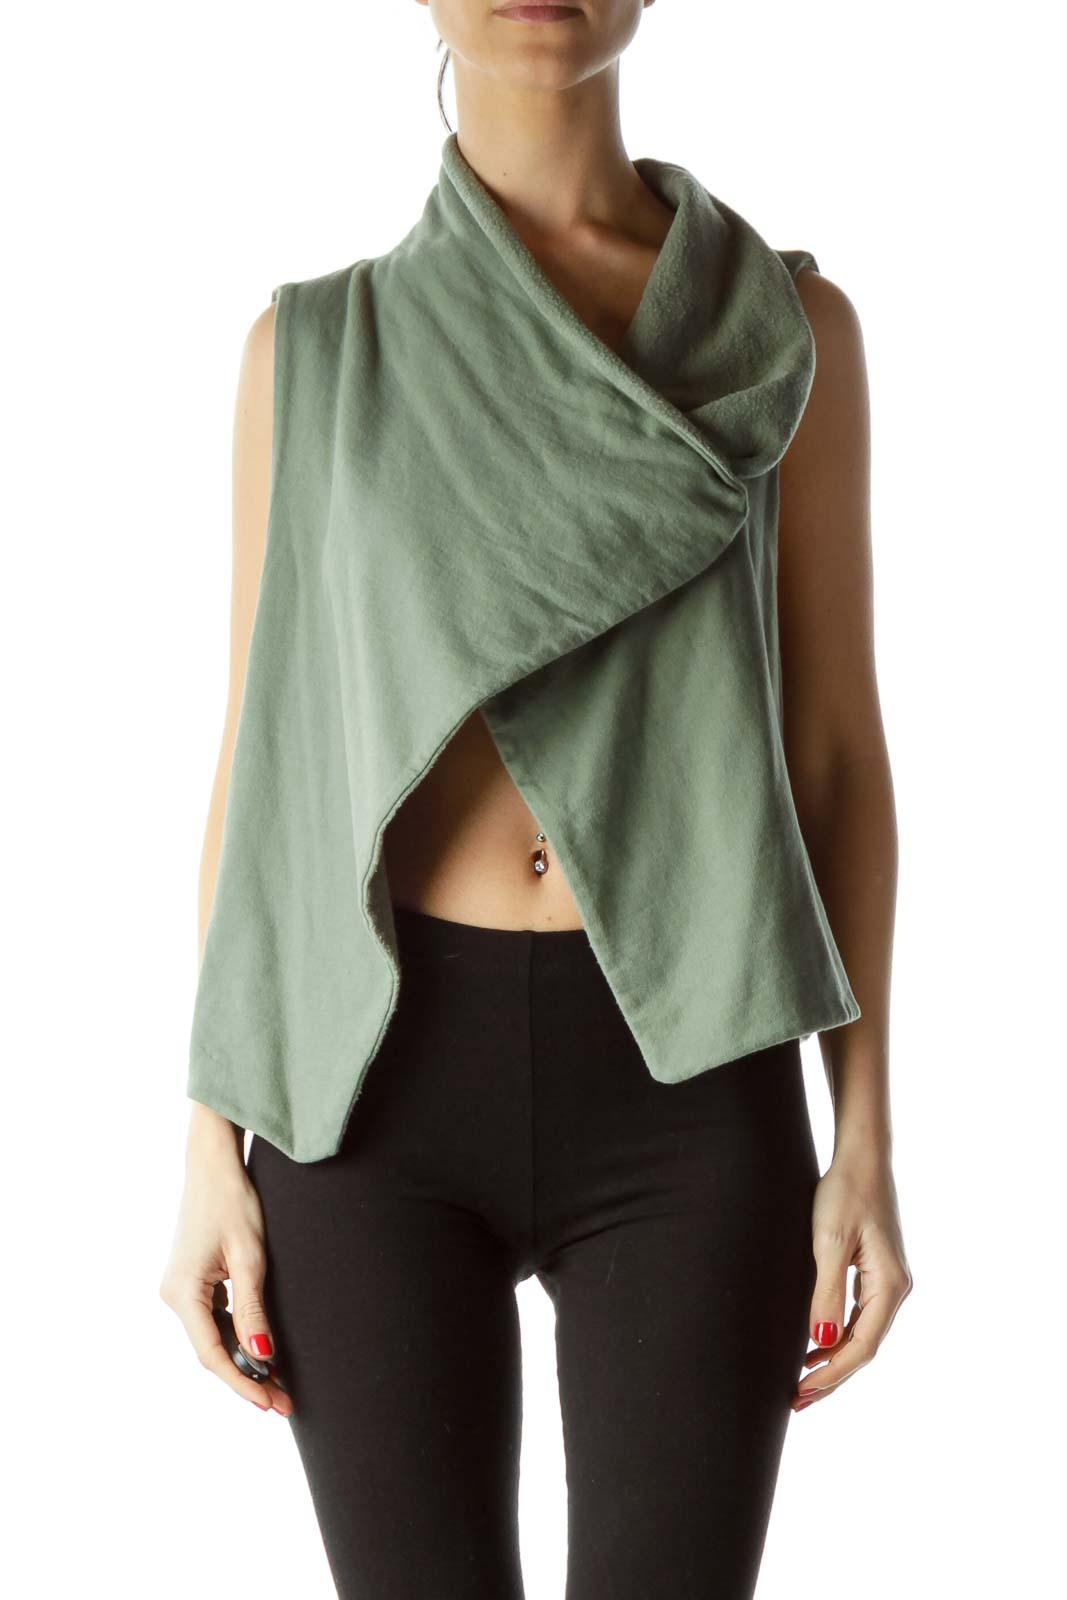 Green Fleece Collared Vest Front